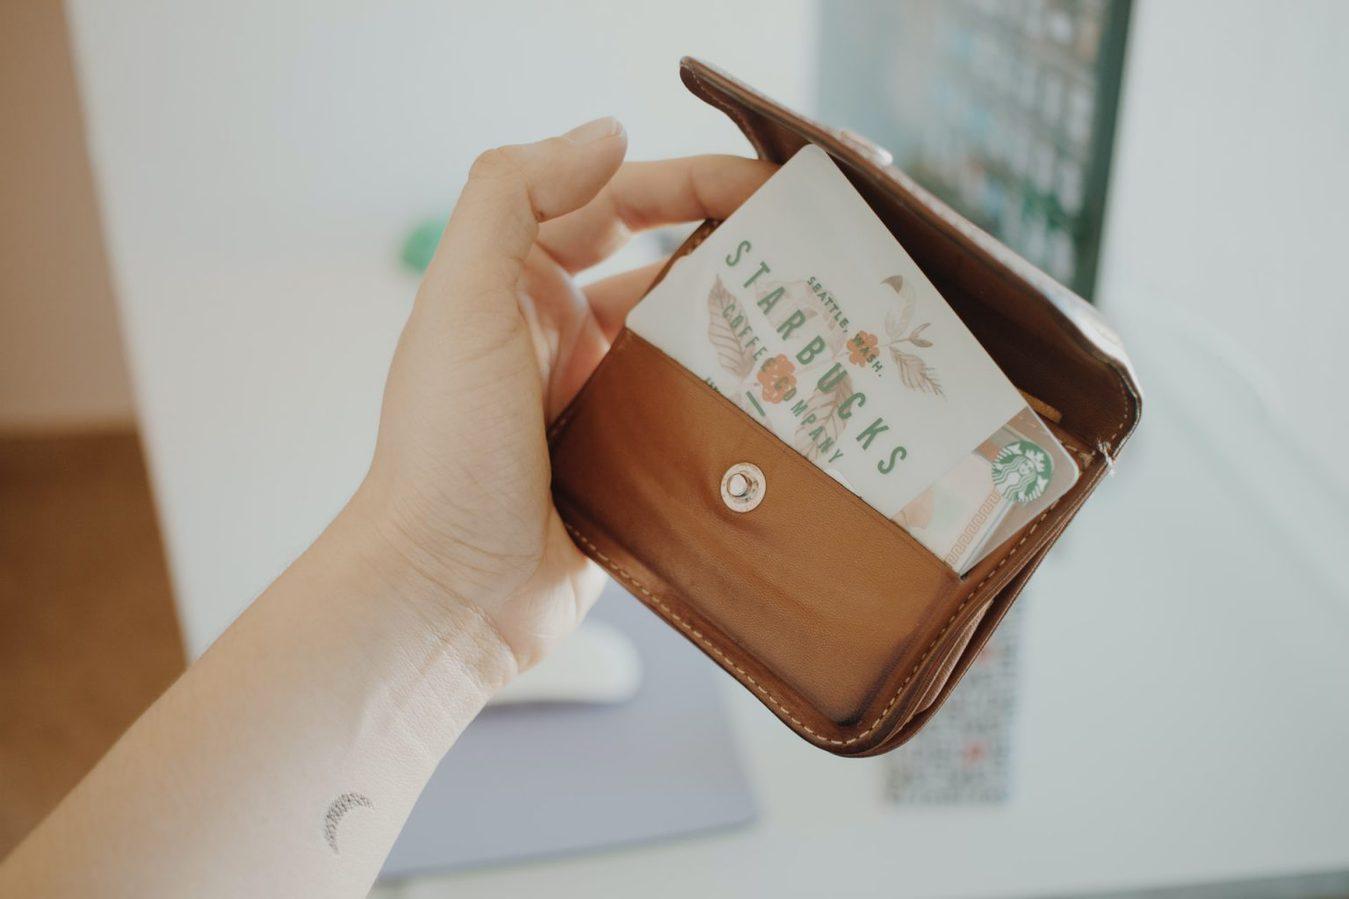 Carta fedeltà Starbucks nel portafoglio